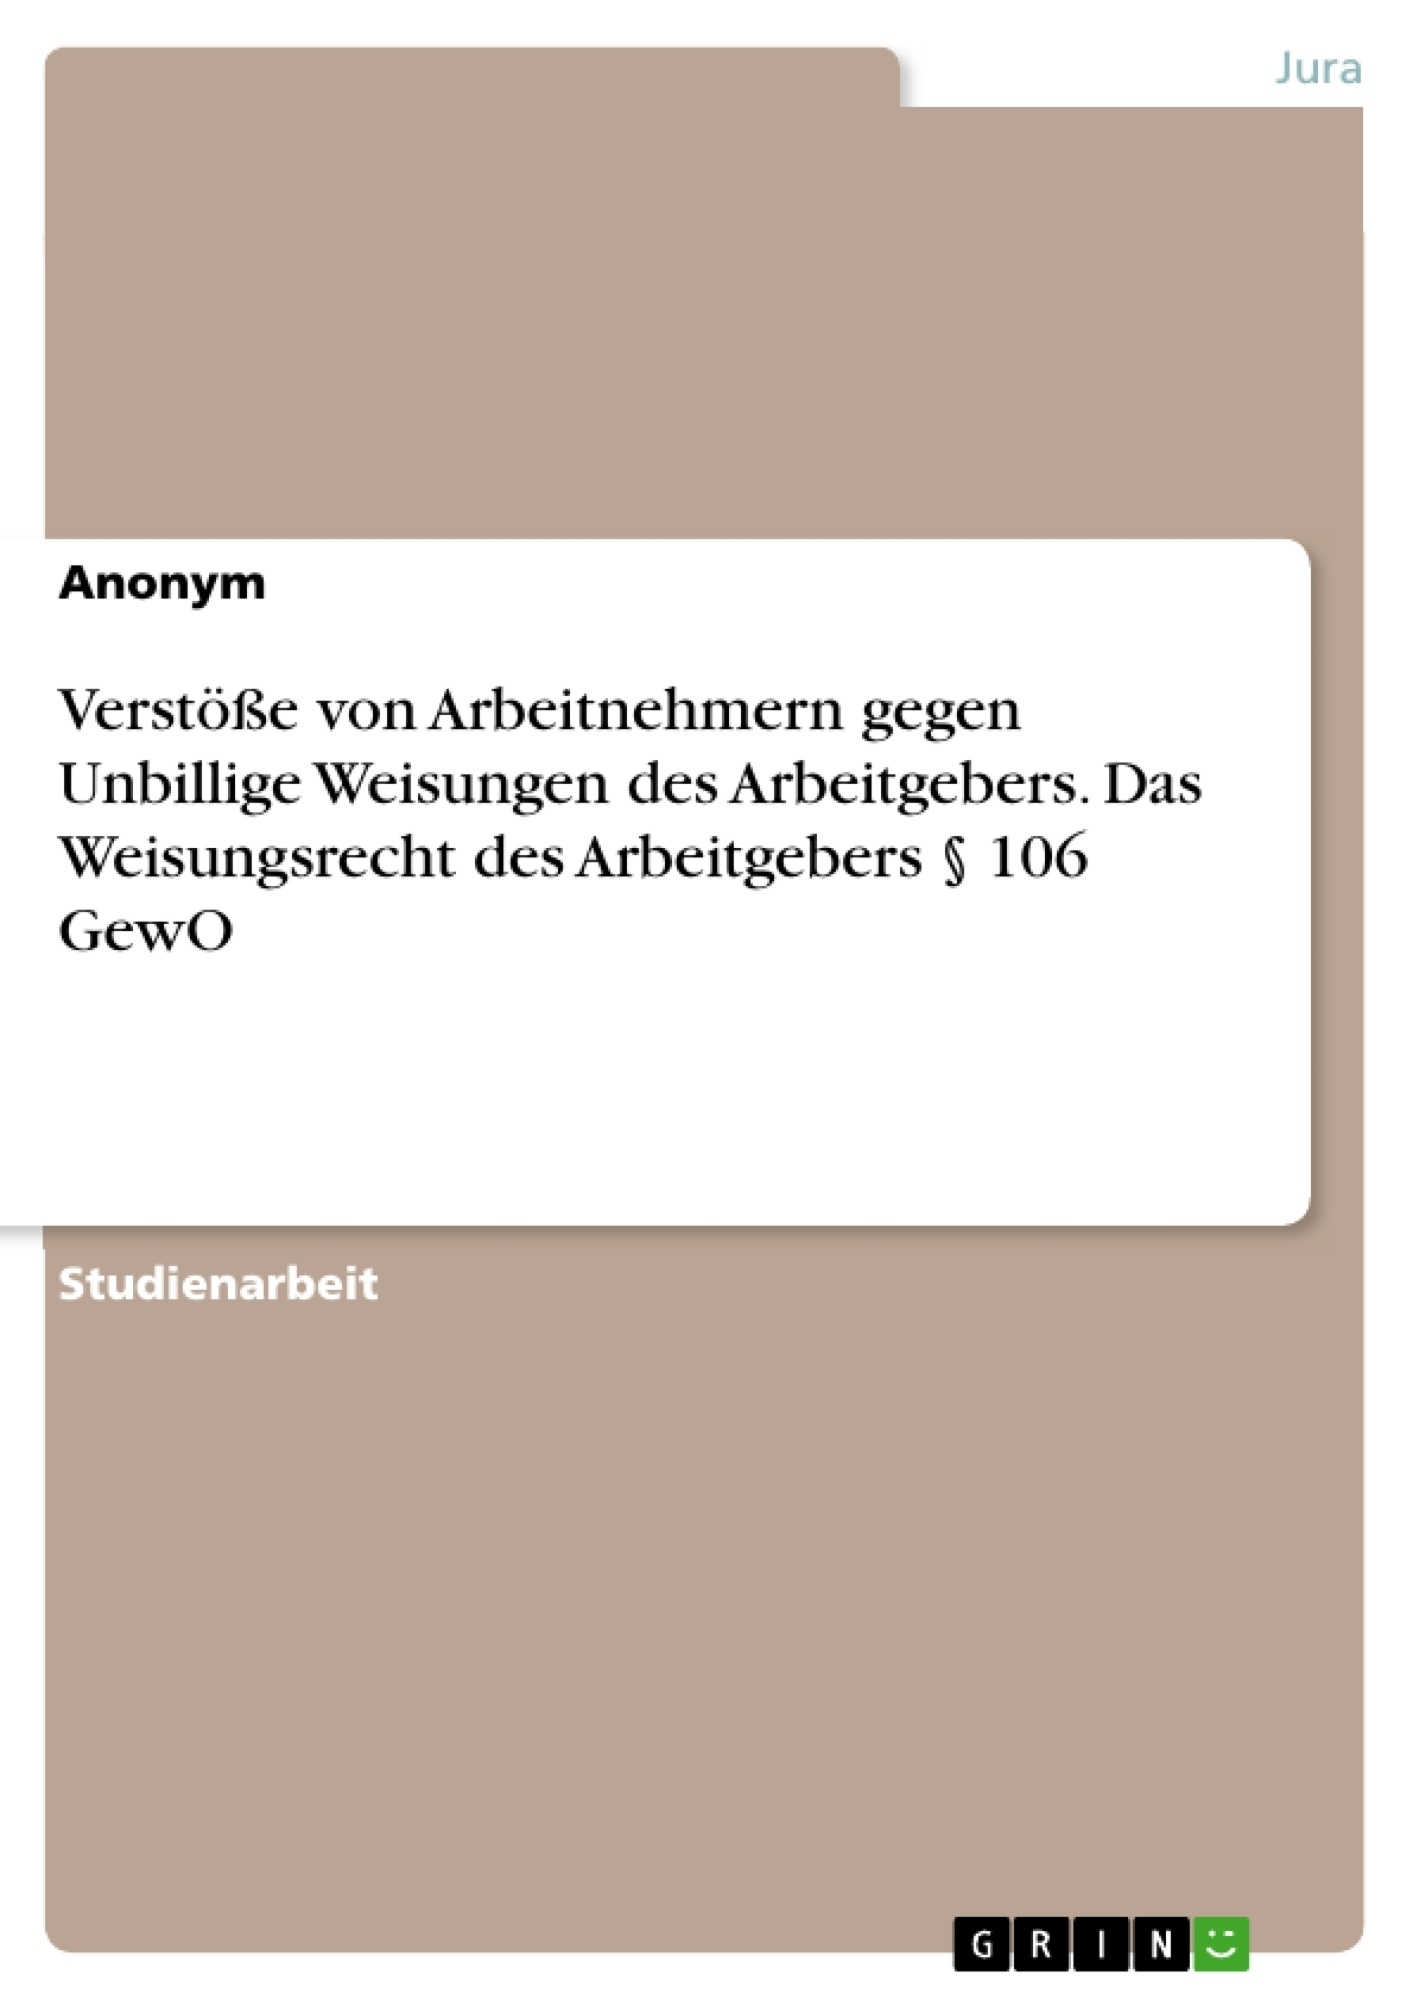 Titel: Verstöße von Arbeitnehmern gegen Unbillige Weisungen des Arbeitgebers. Das Weisungsrecht des Arbeitgebers § 106 GewO